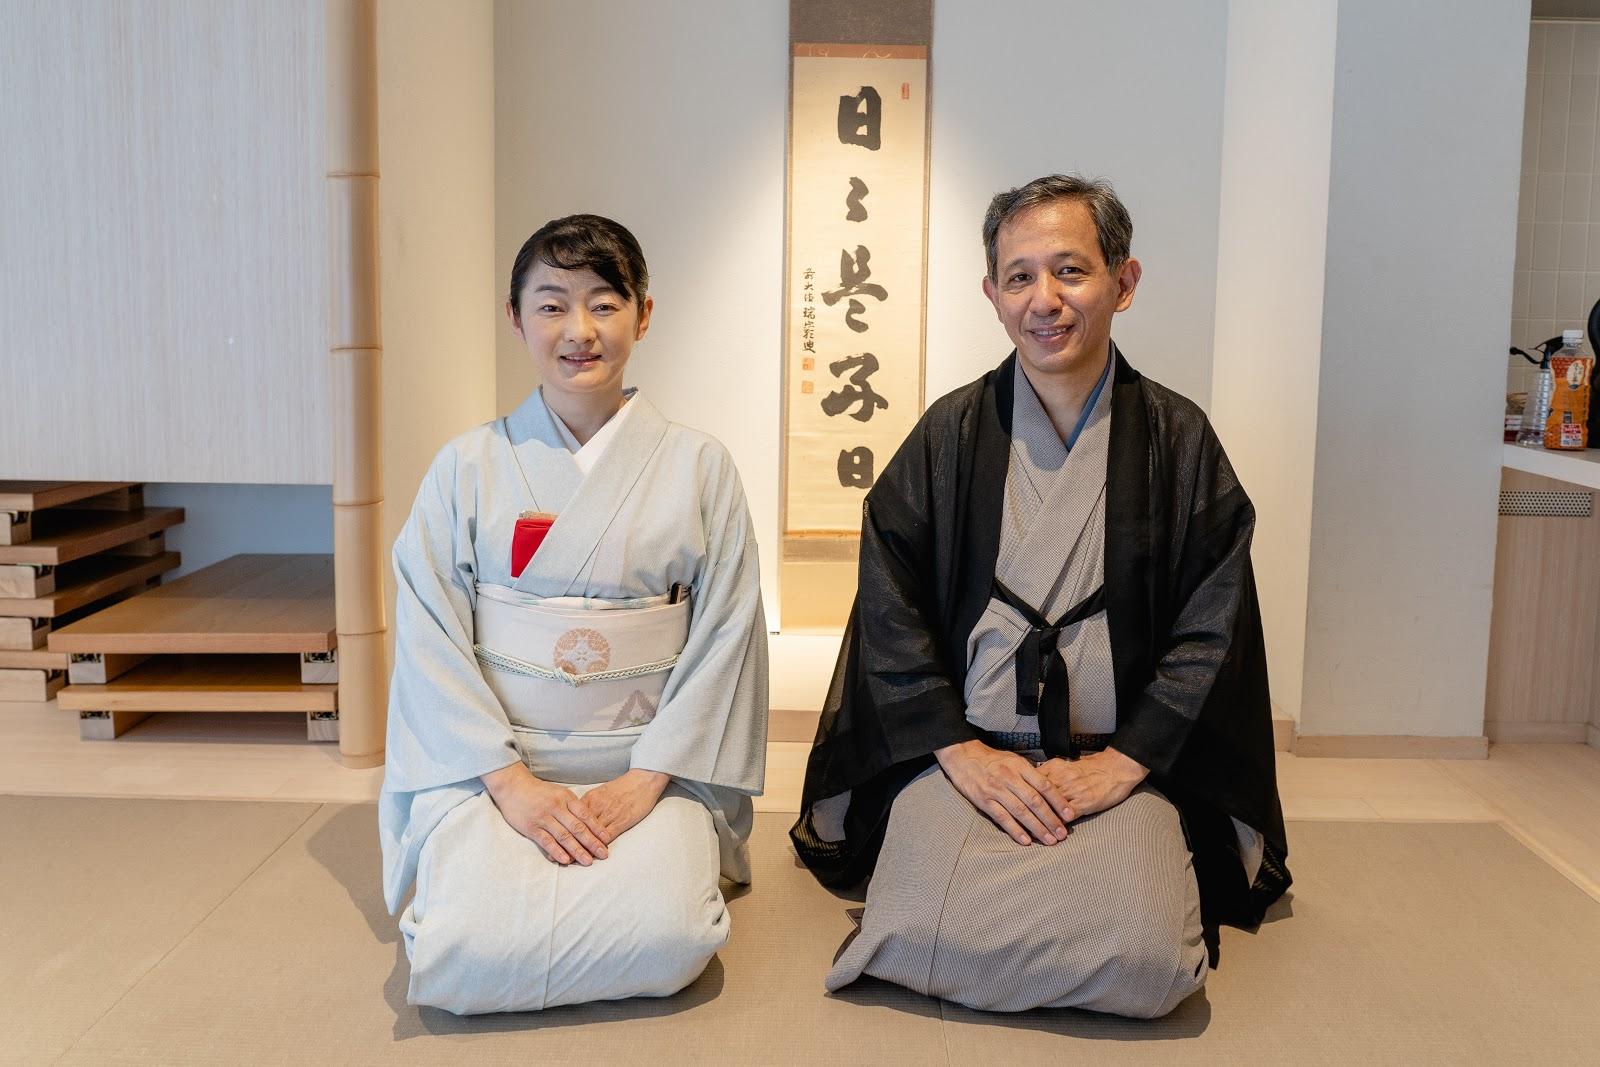 茶道体験の講師の写真